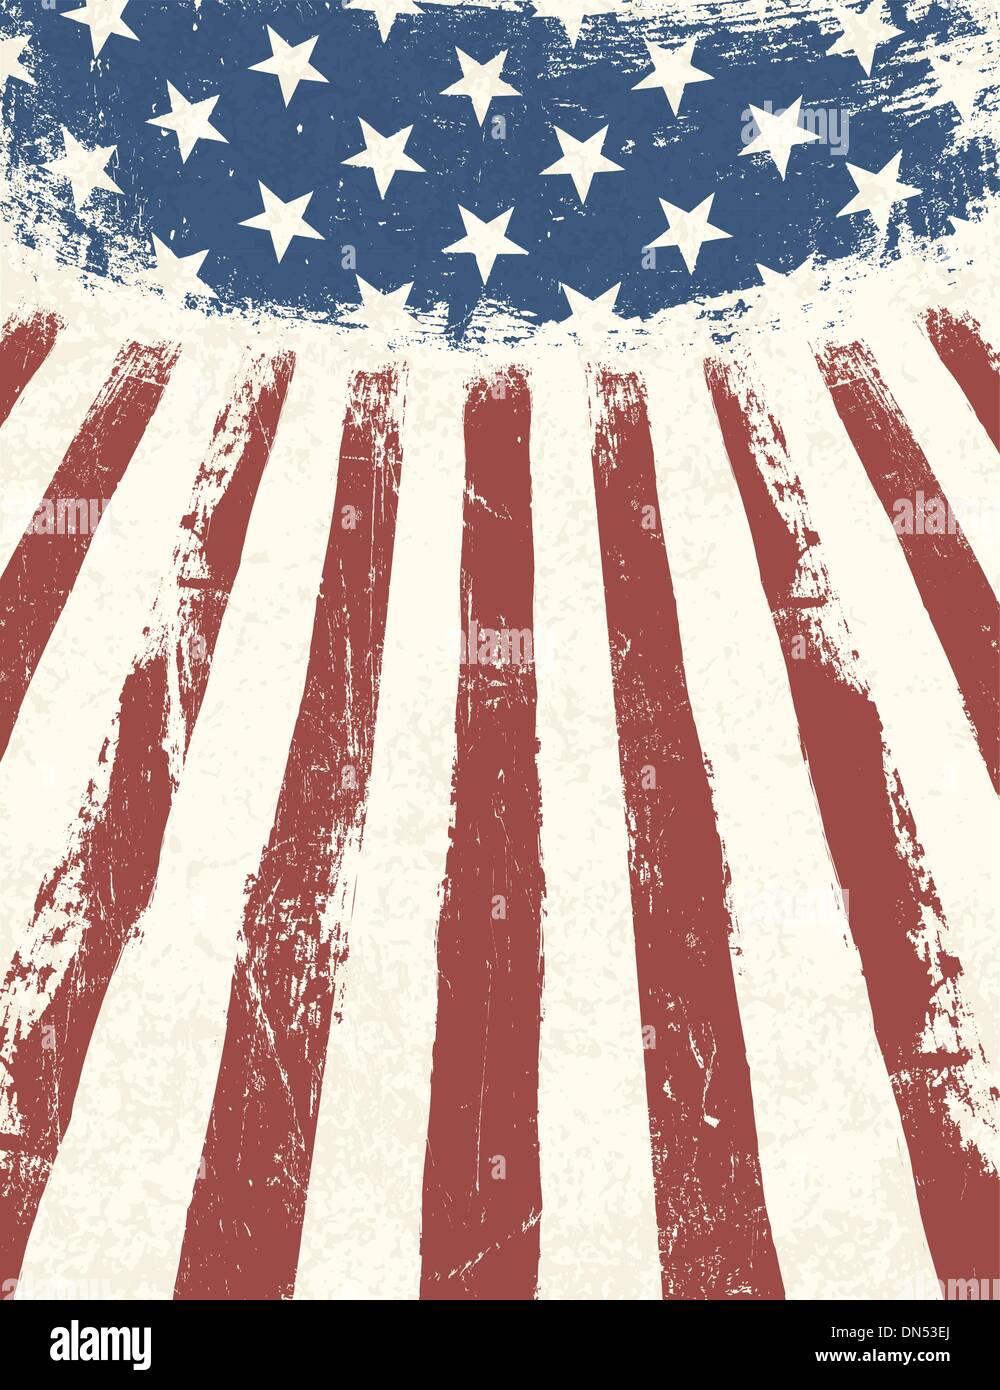 Bandiera americana sfondo a tema. Vettore Immagini Stock